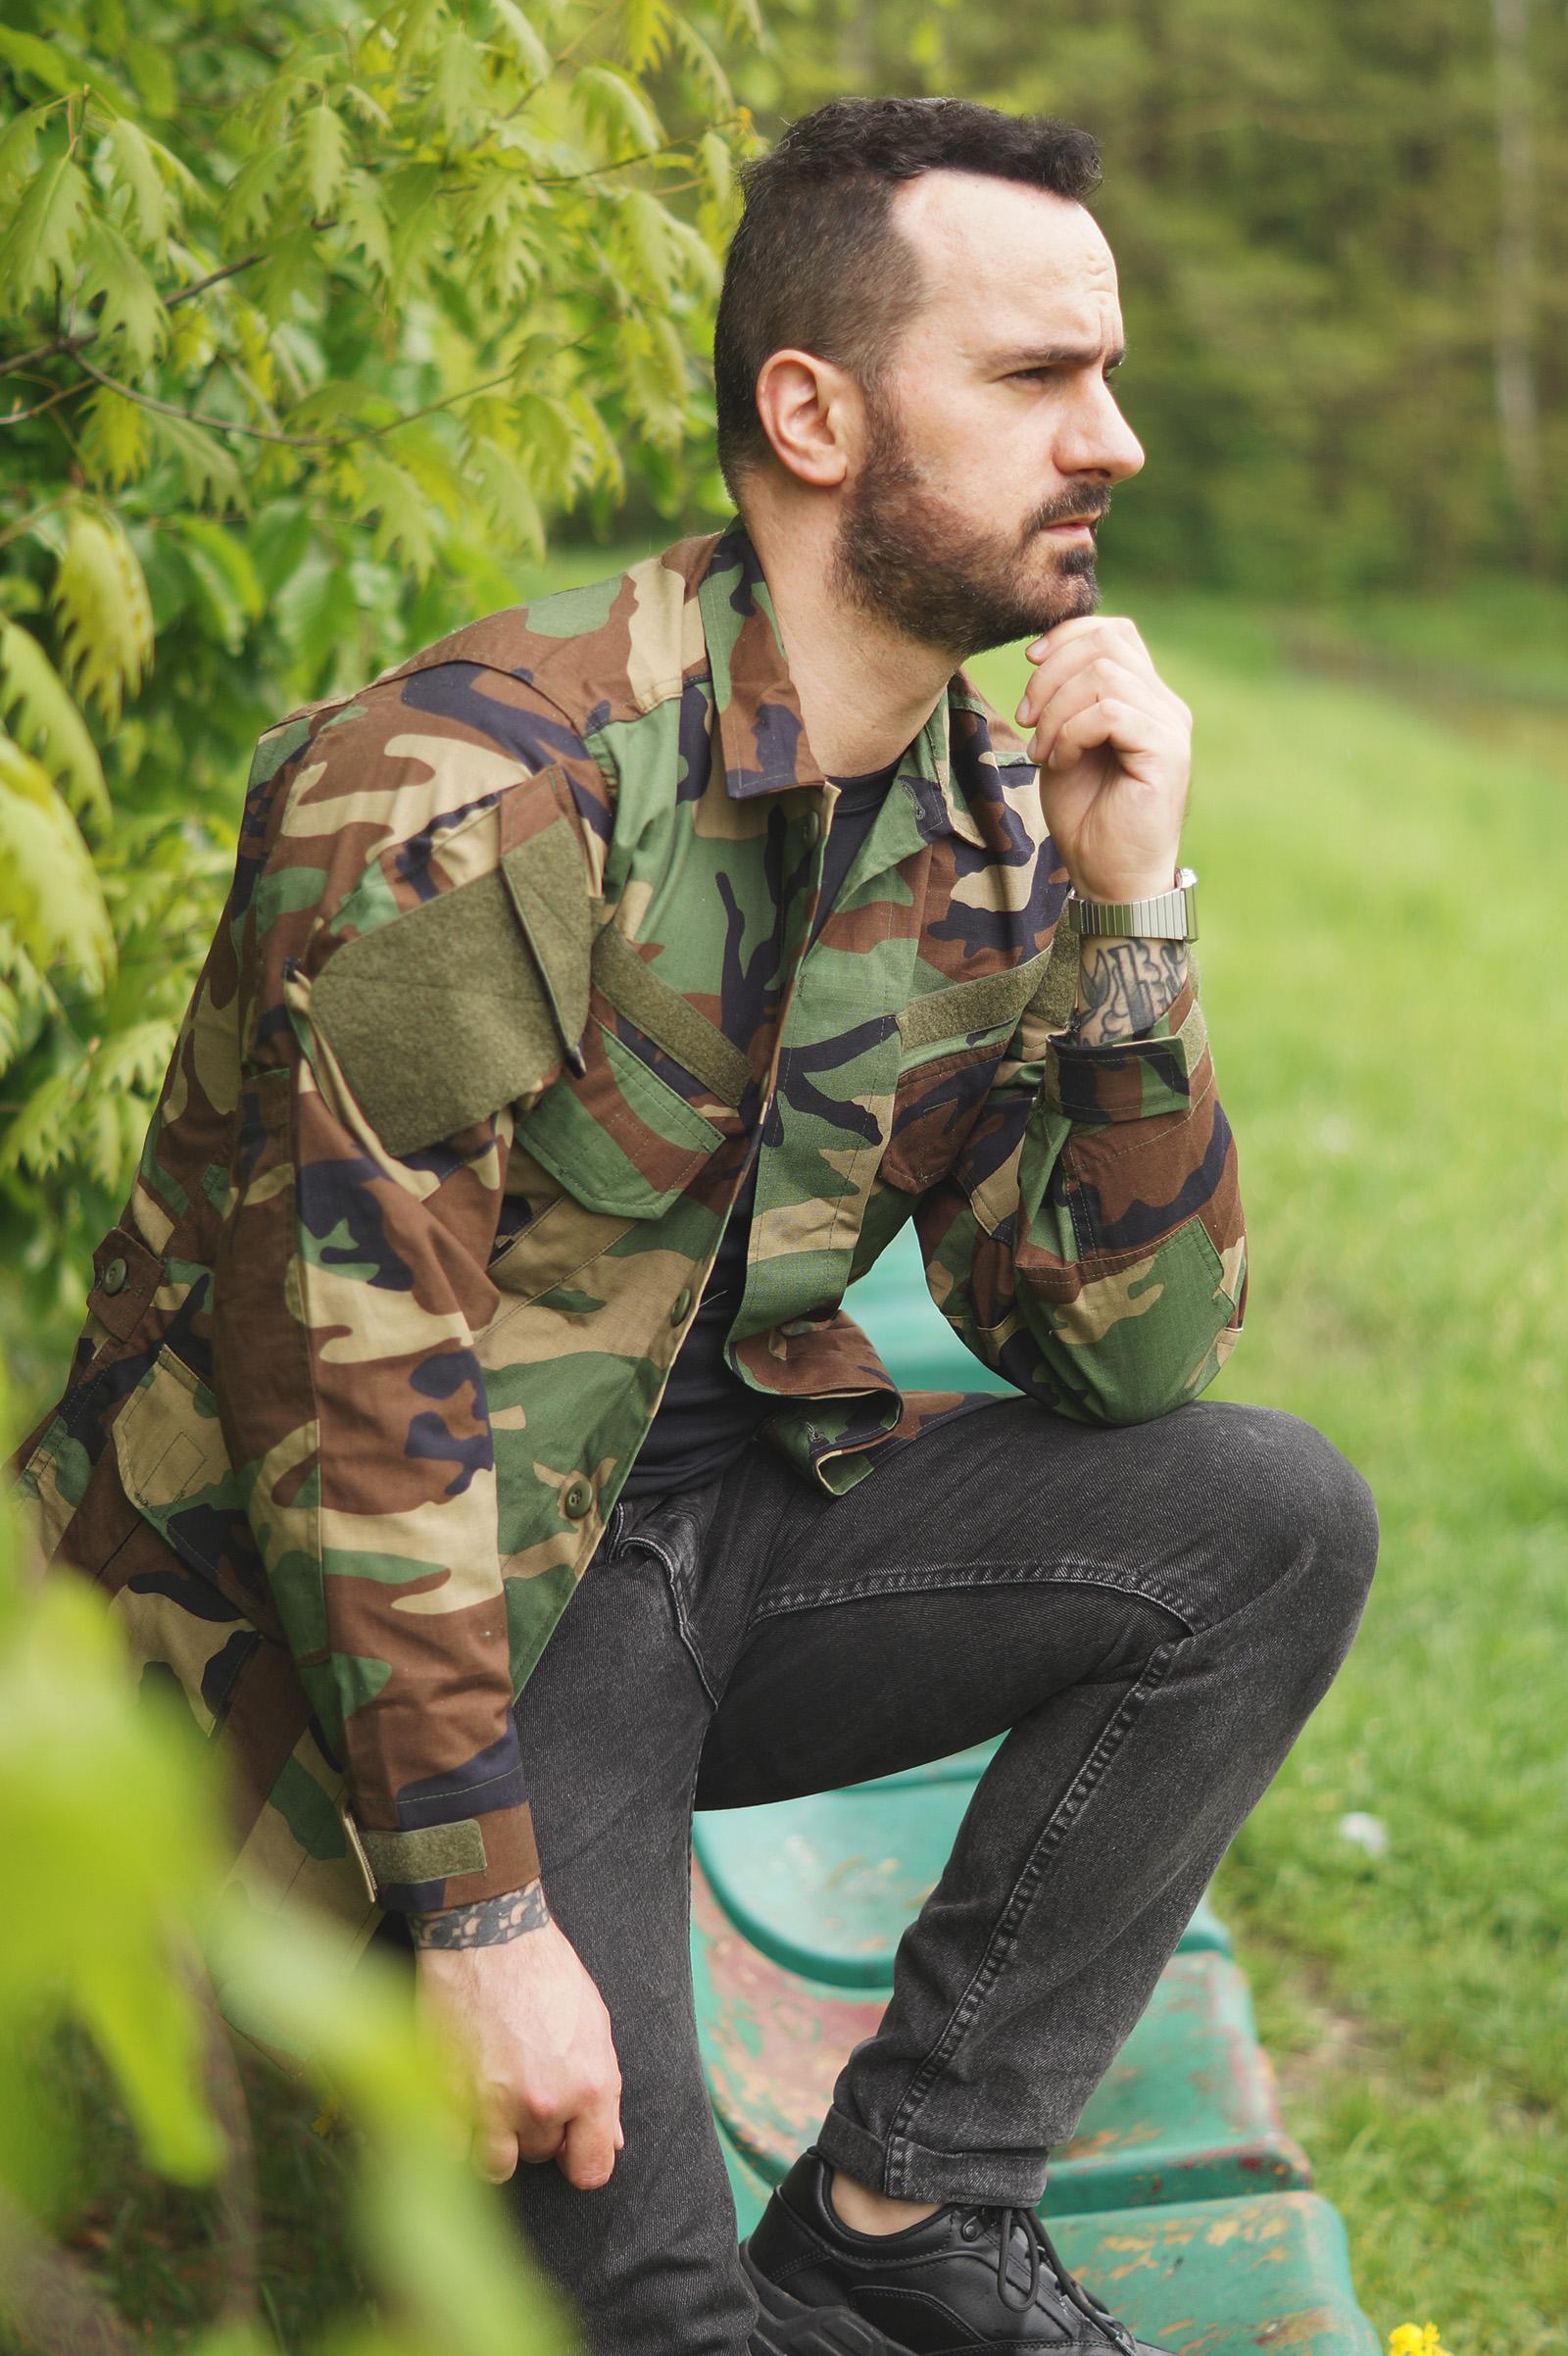 ubrania kamuflaż, samo ciuchy męskie, męski ubrania moro, moro ciuchy dla faceta